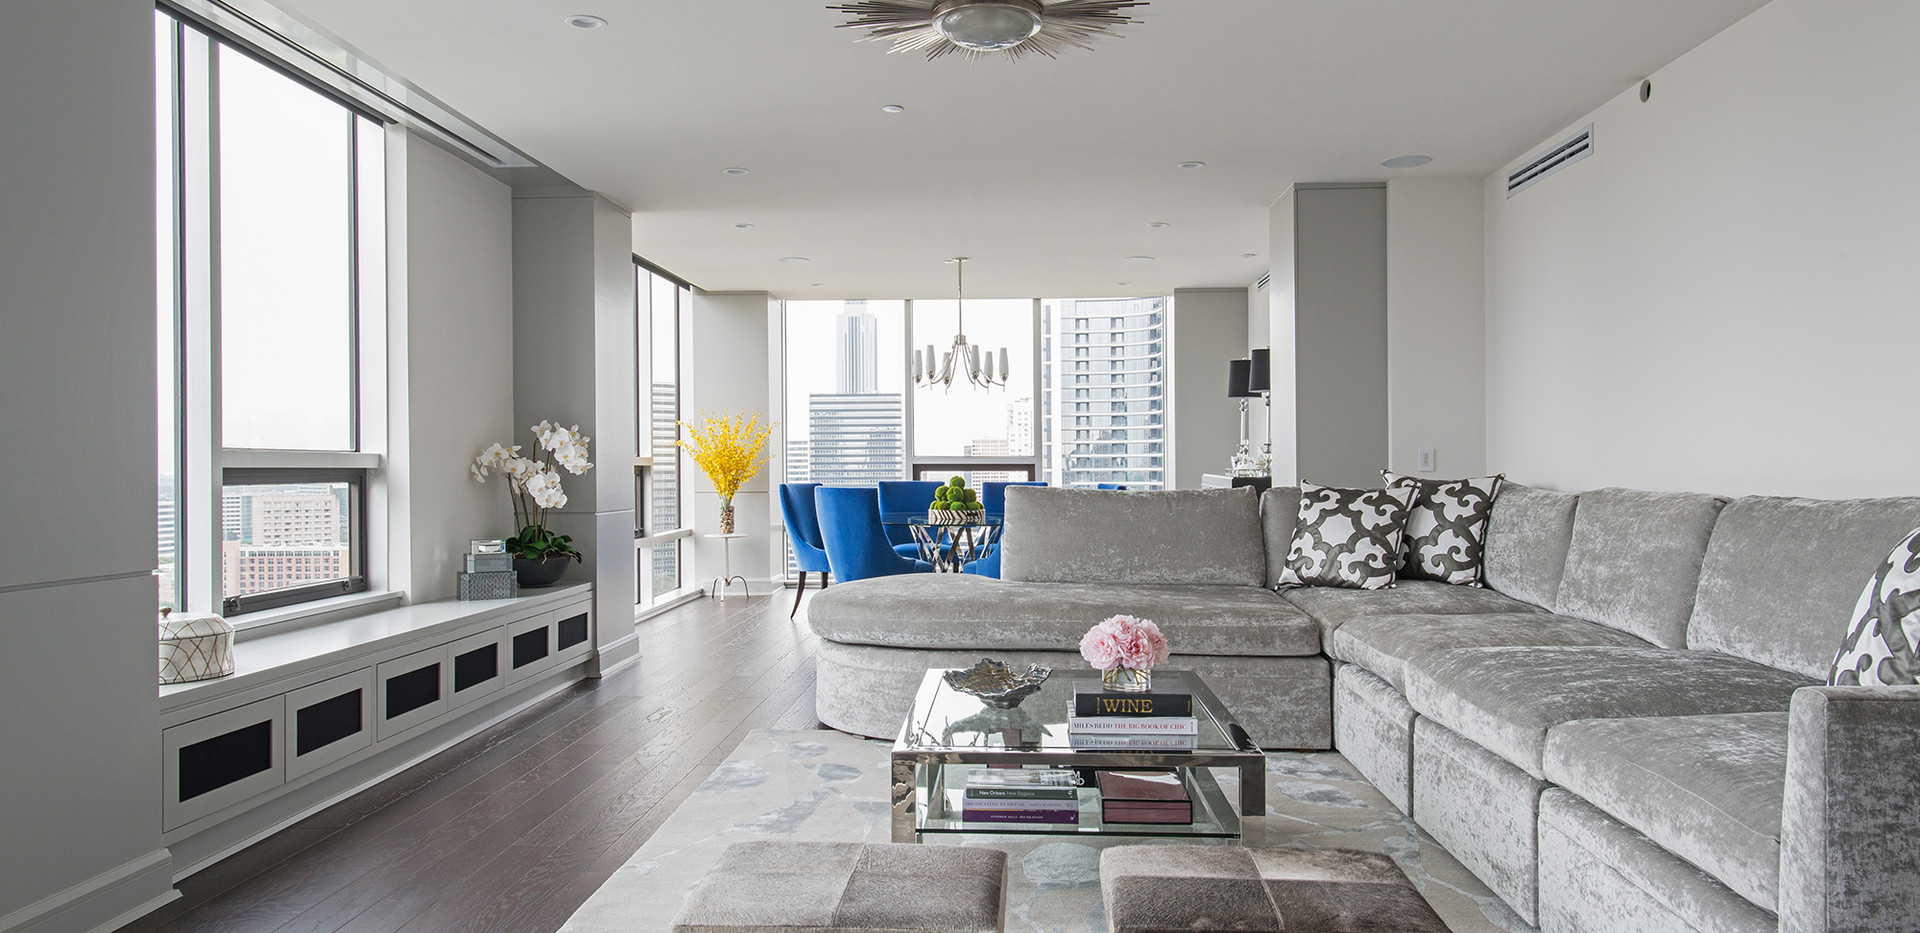 Houston Condominium - FourLeaf Towers